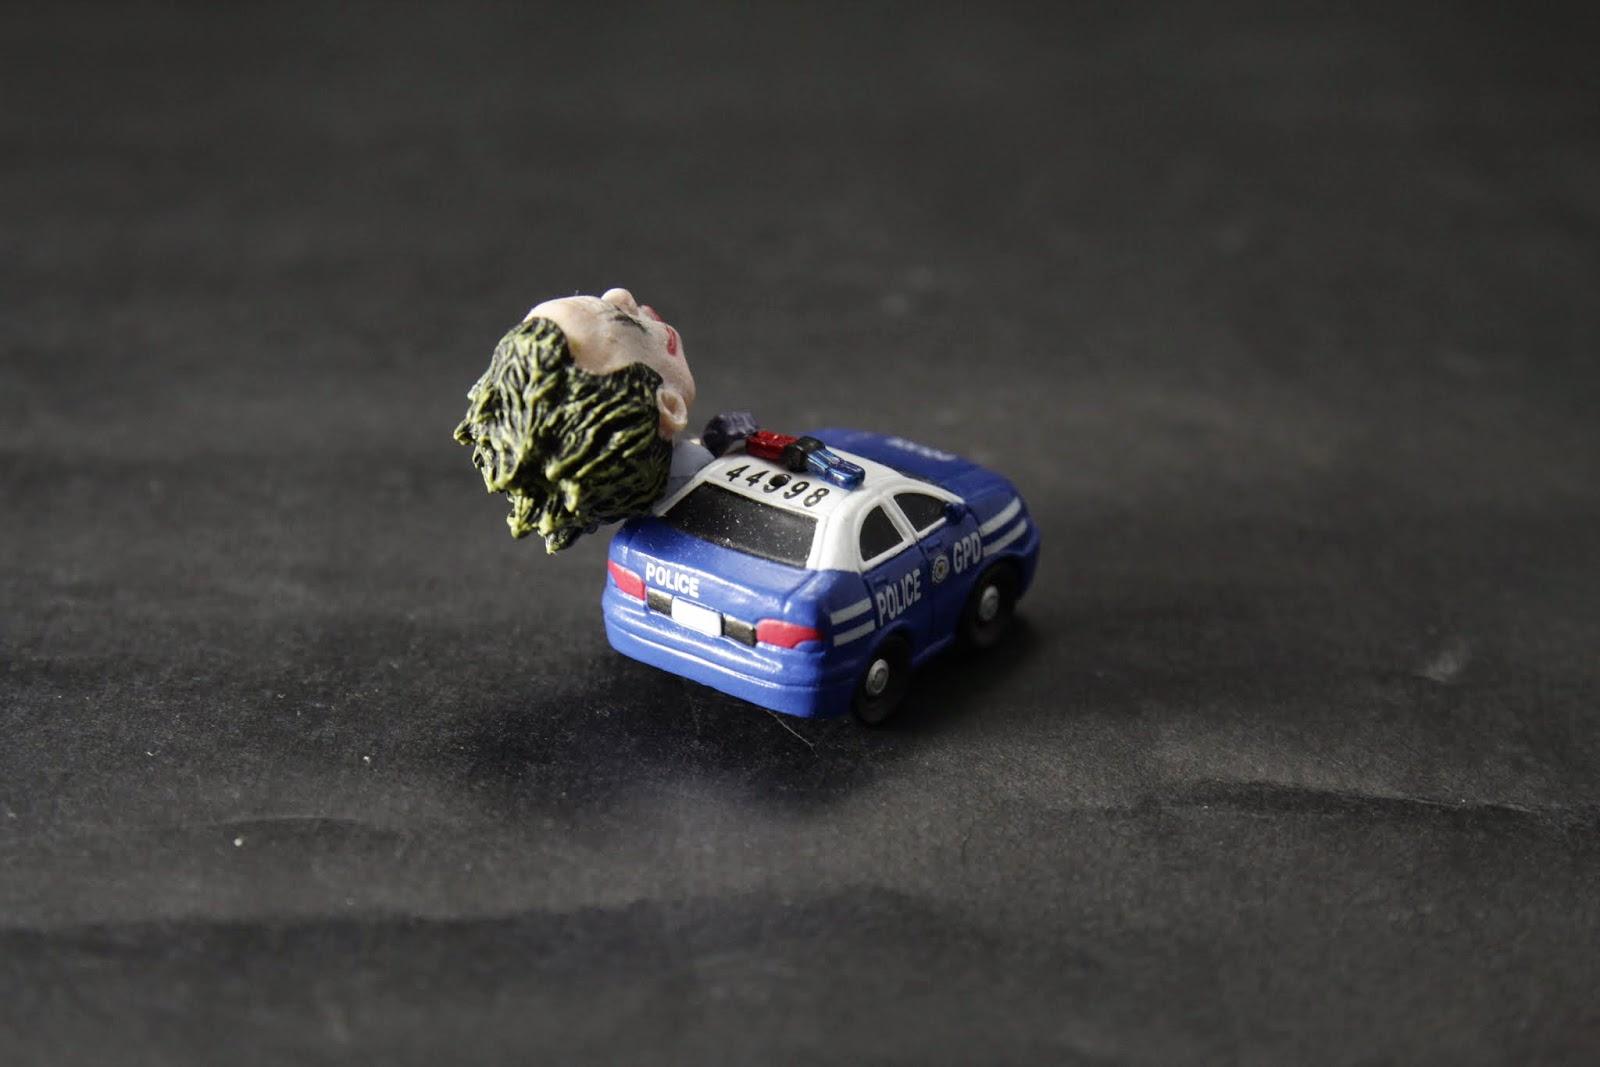 警車做的很細緻